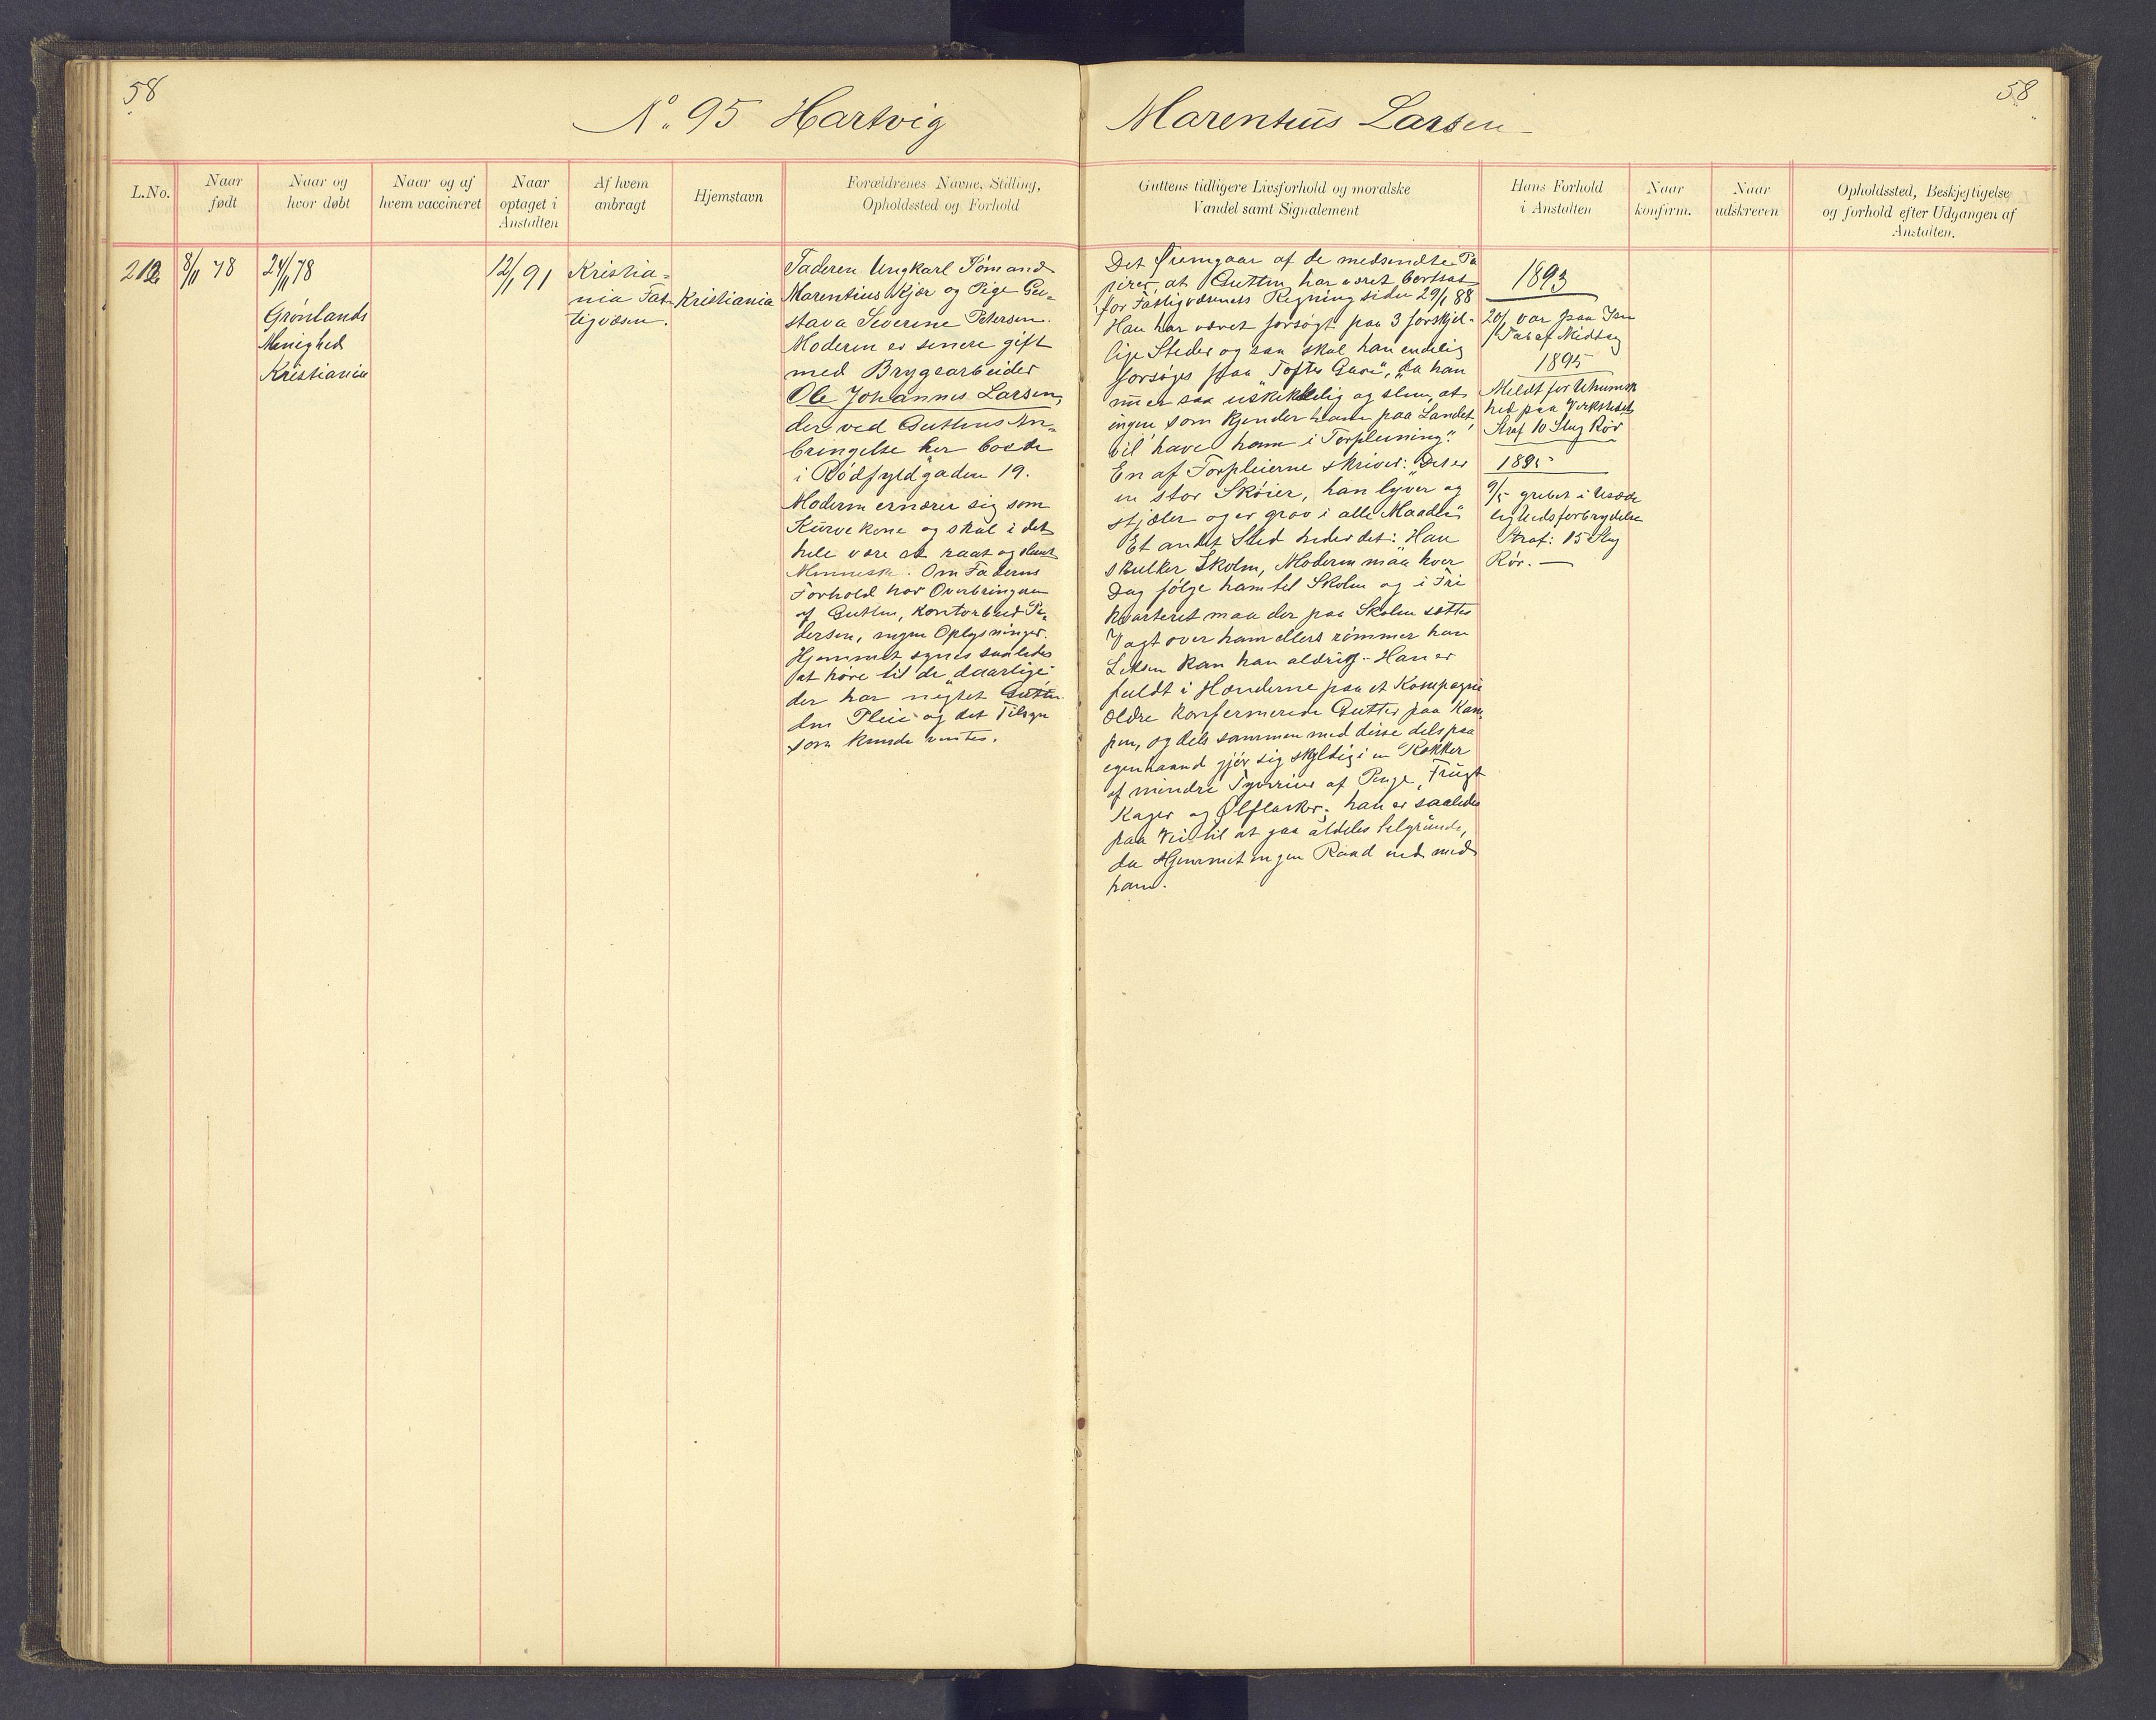 SAH, Toftes Gave, F/Fc/L0004: Elevprotokoll, 1885-1897, s. 58